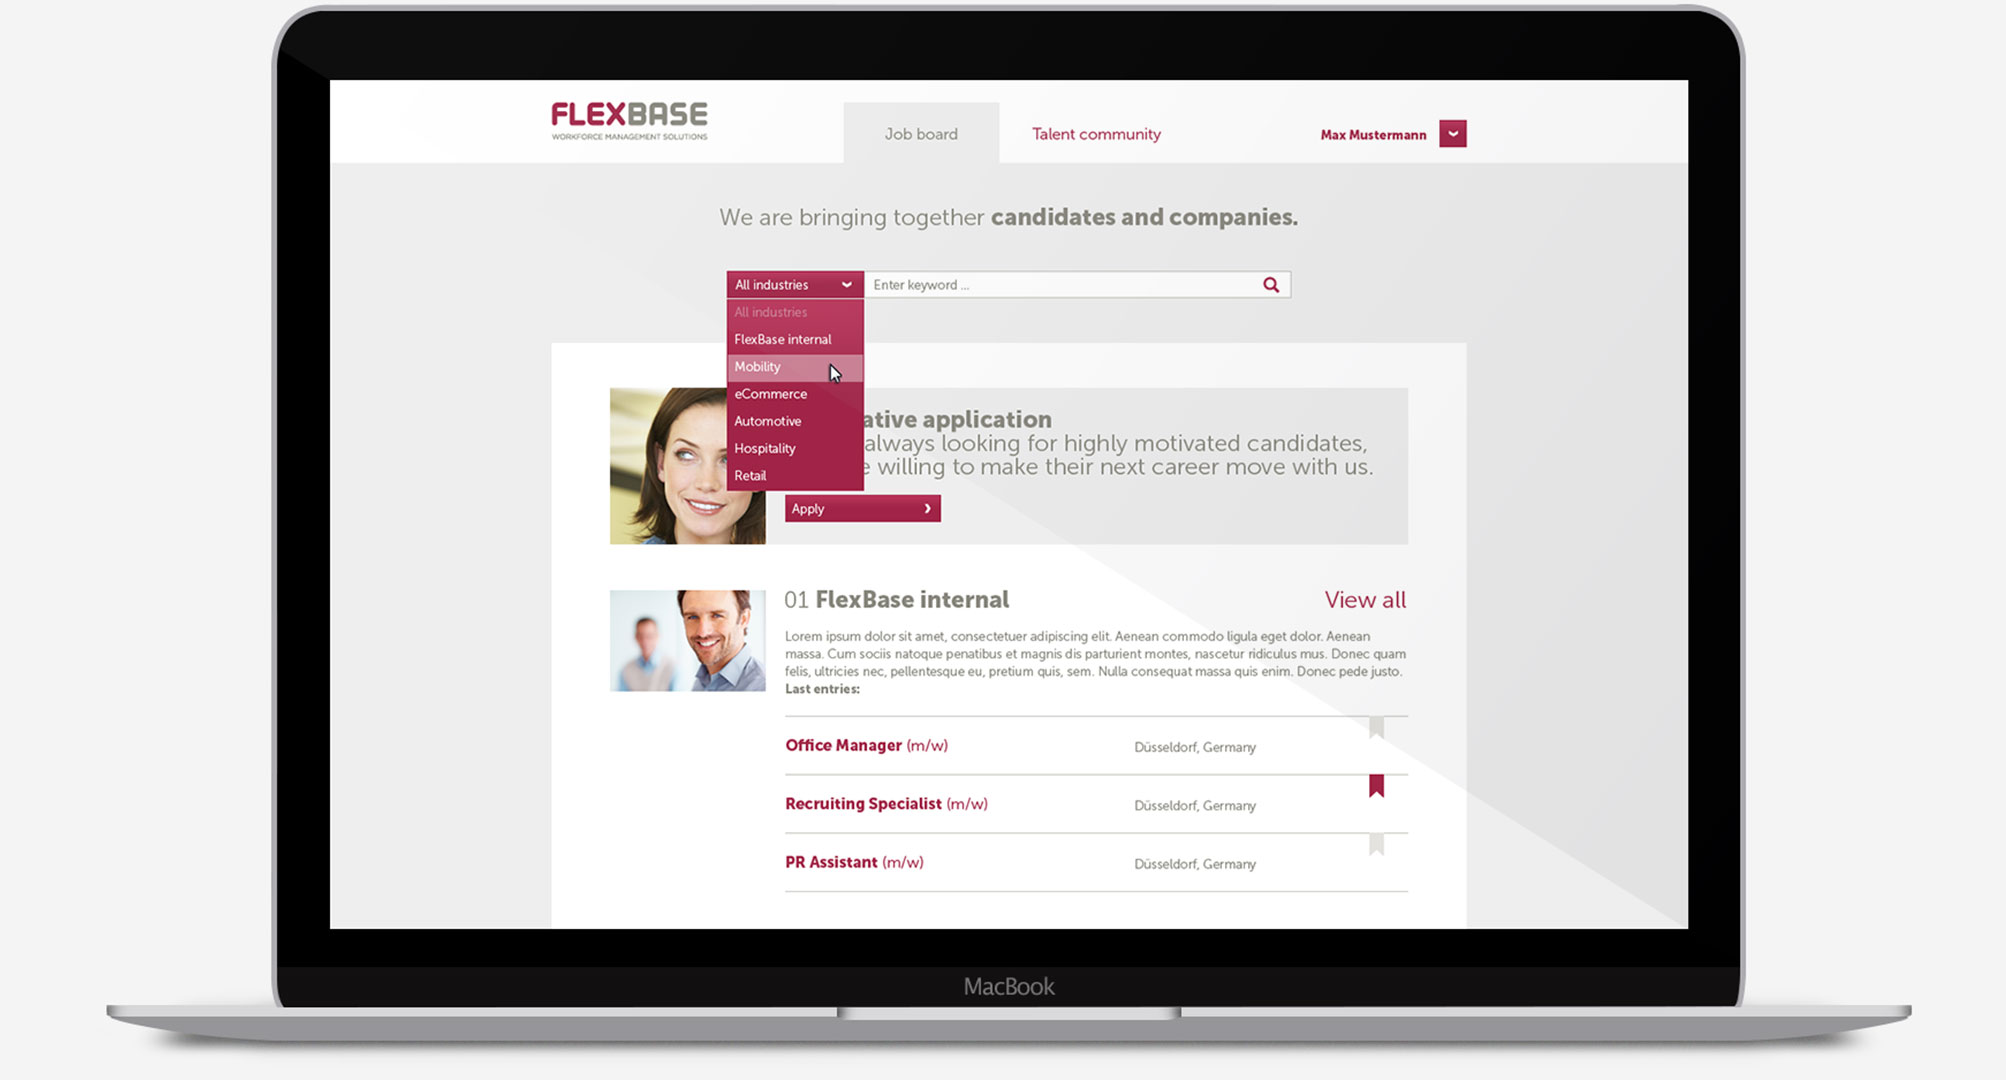 flexbase_karriereportal_4